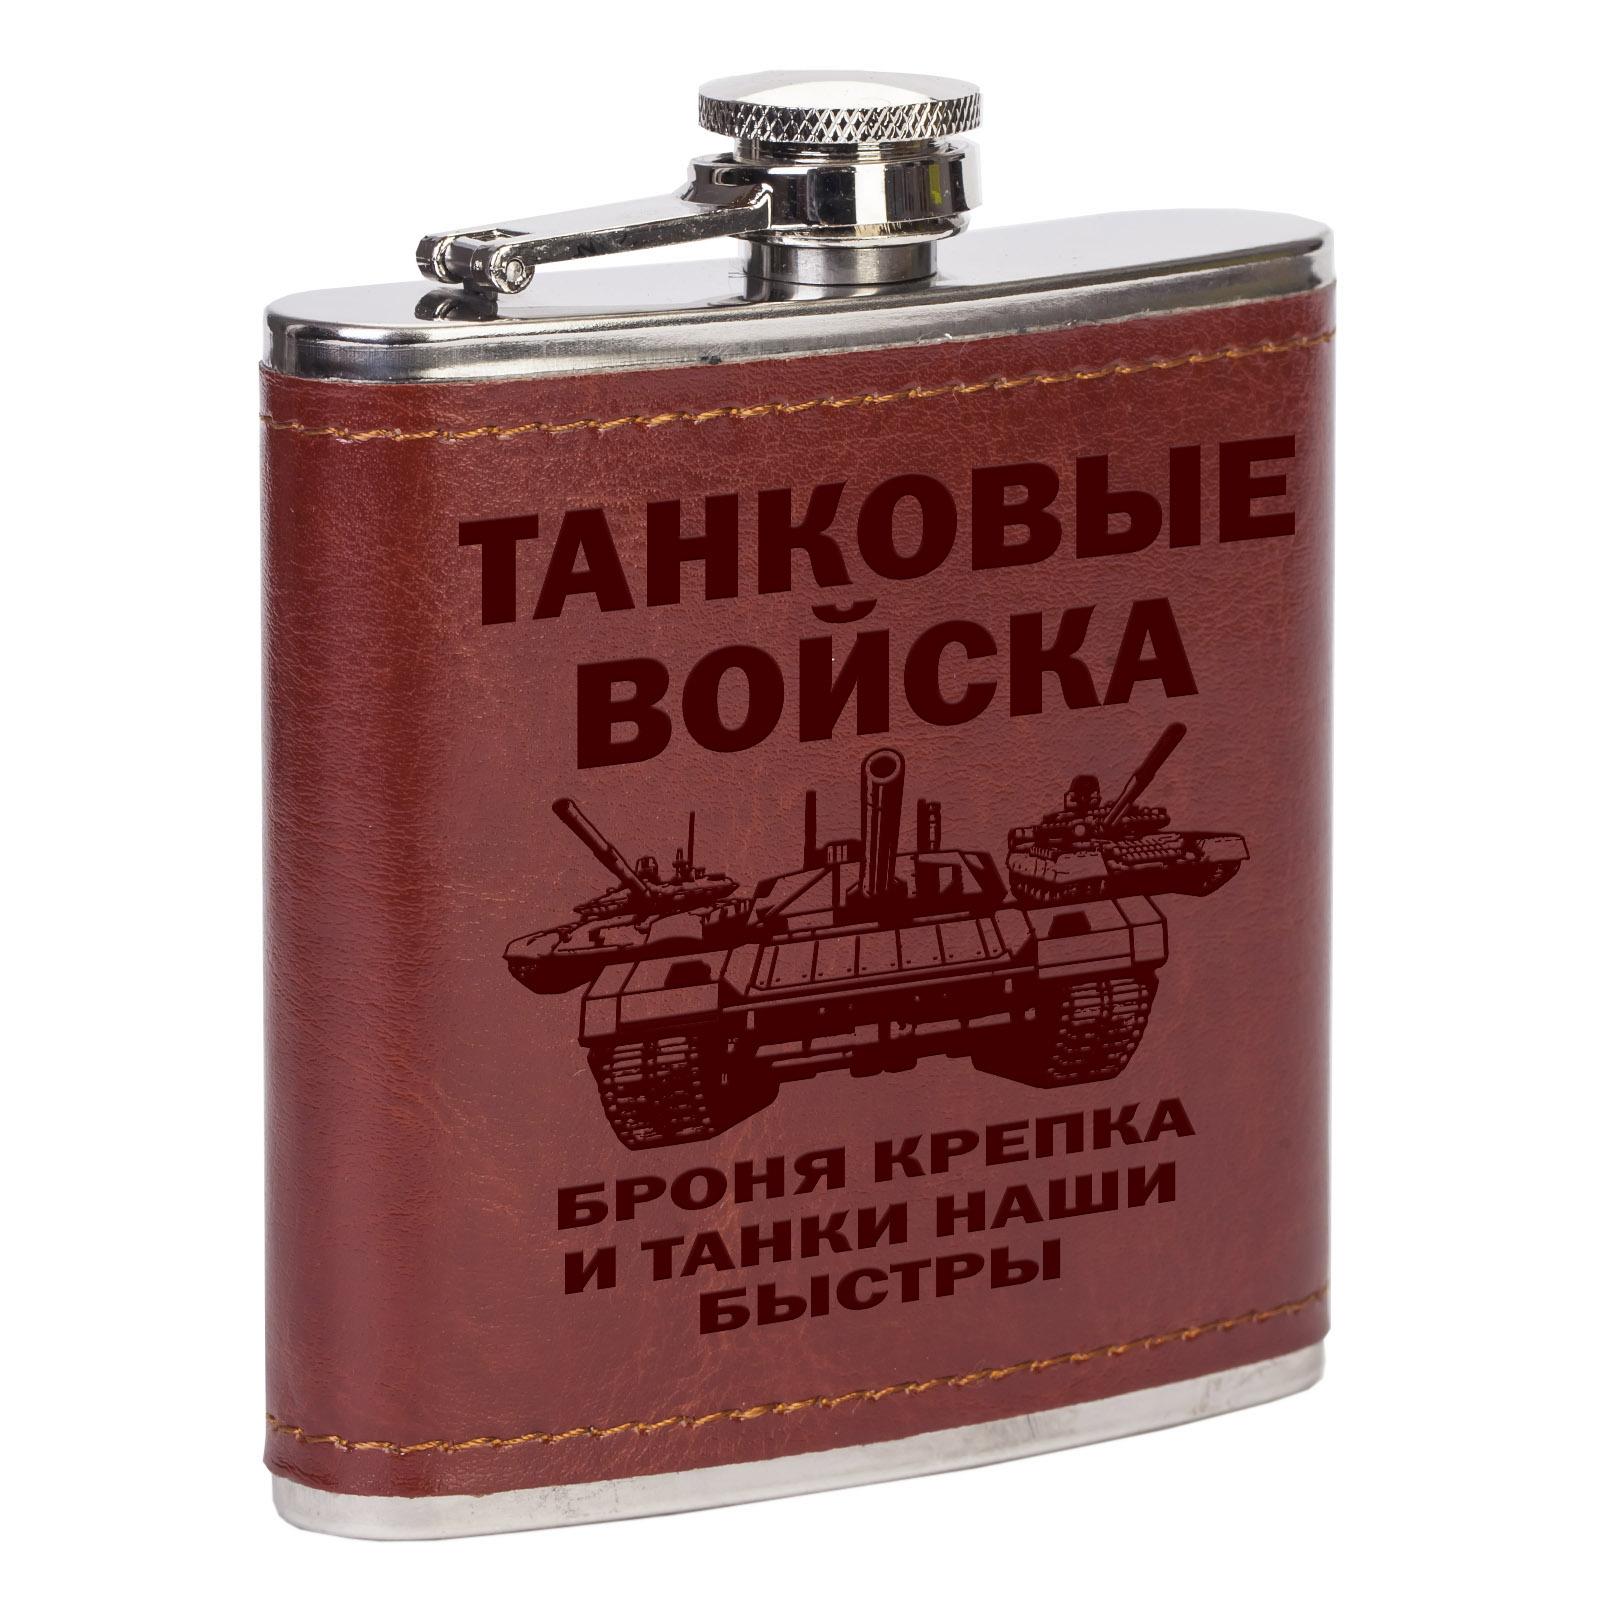 Купить на подарок танкисту фляжку в кожаном чехле